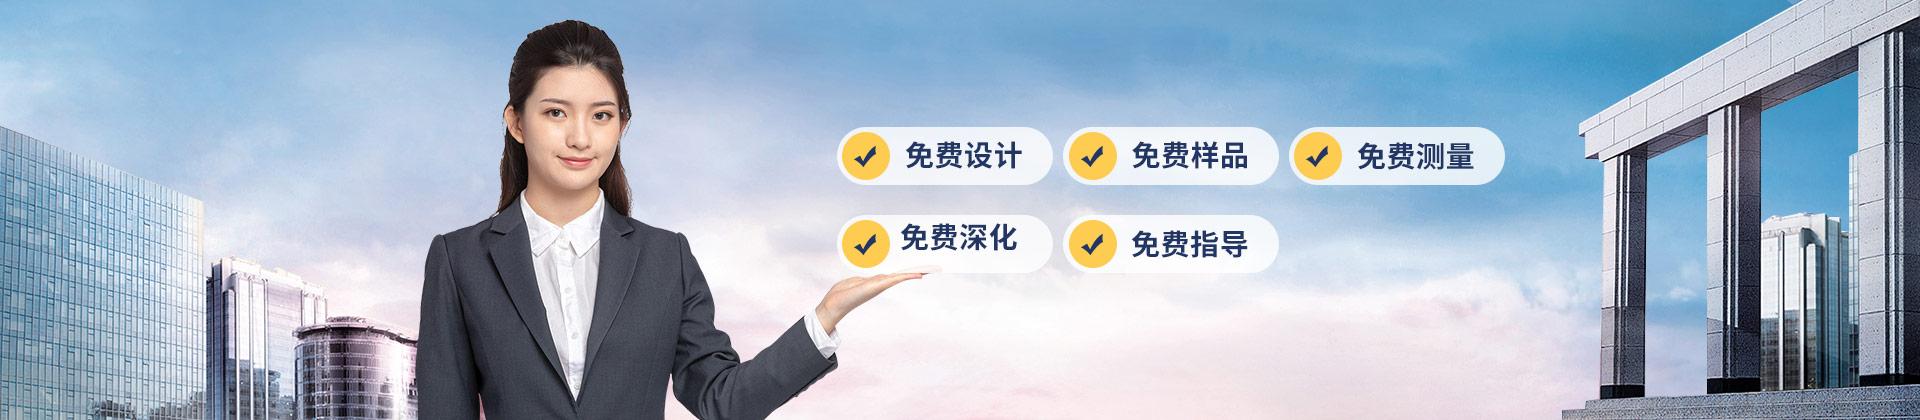 中沪万博manbetx官网手机版登陆免费设计、免费测量